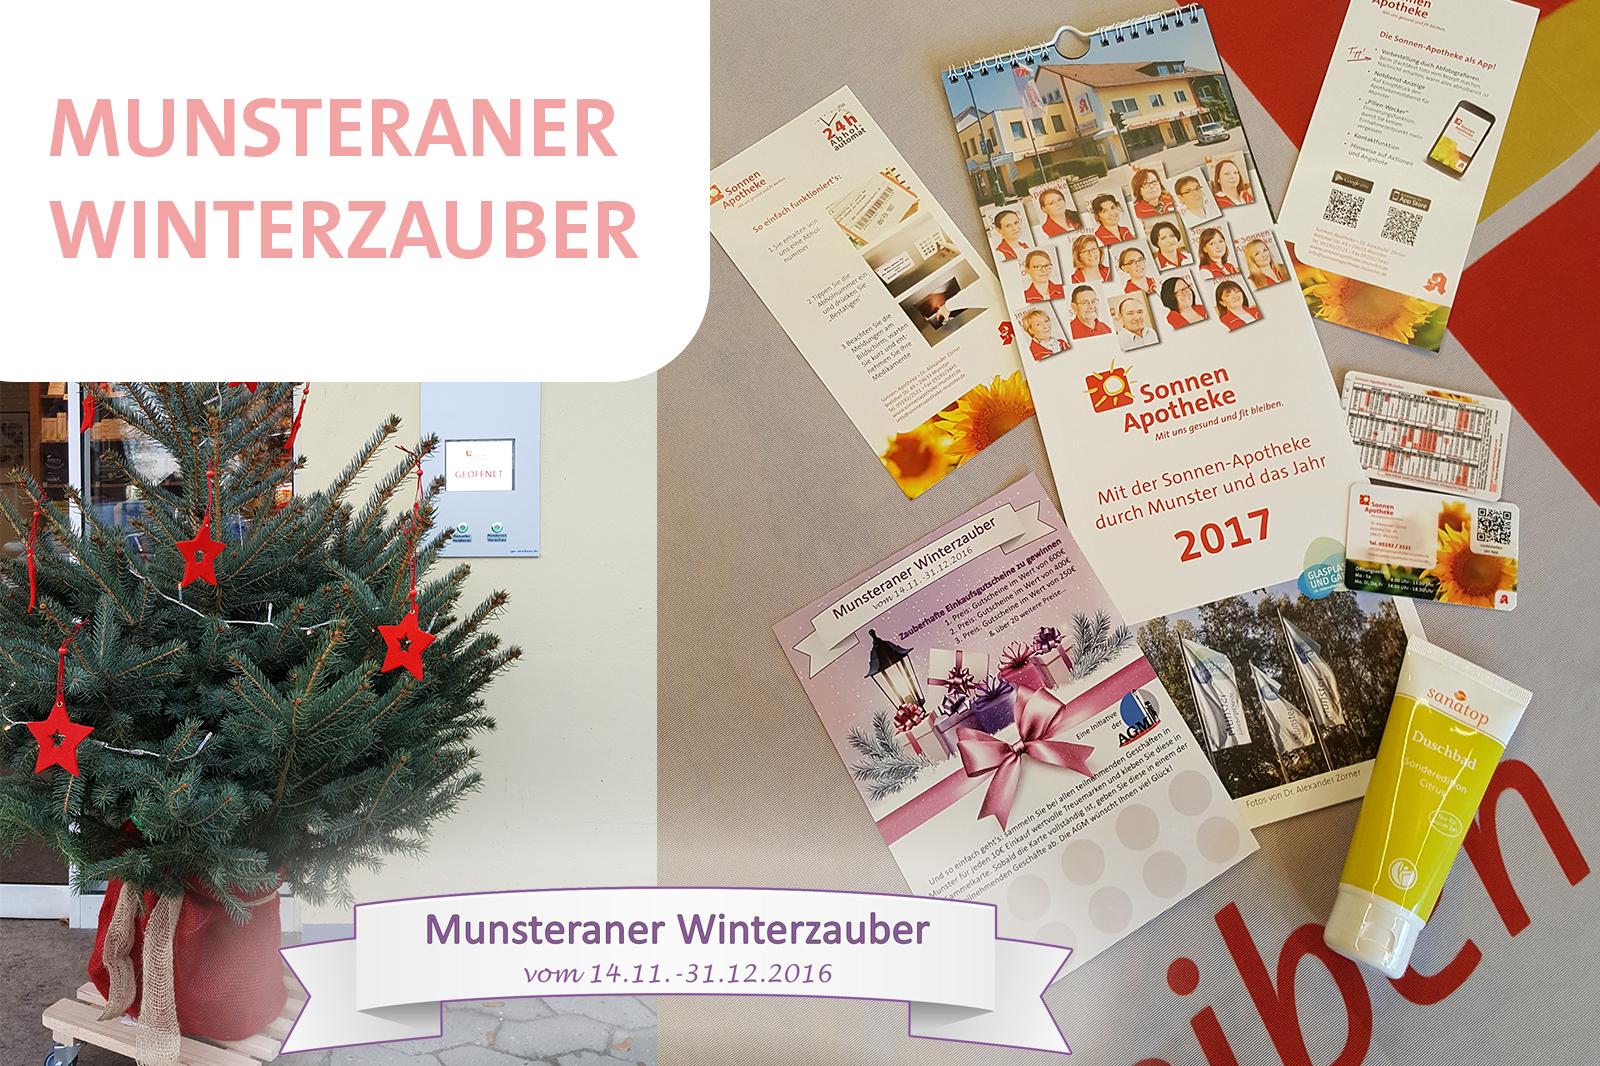 Munsteraner Winterzauber